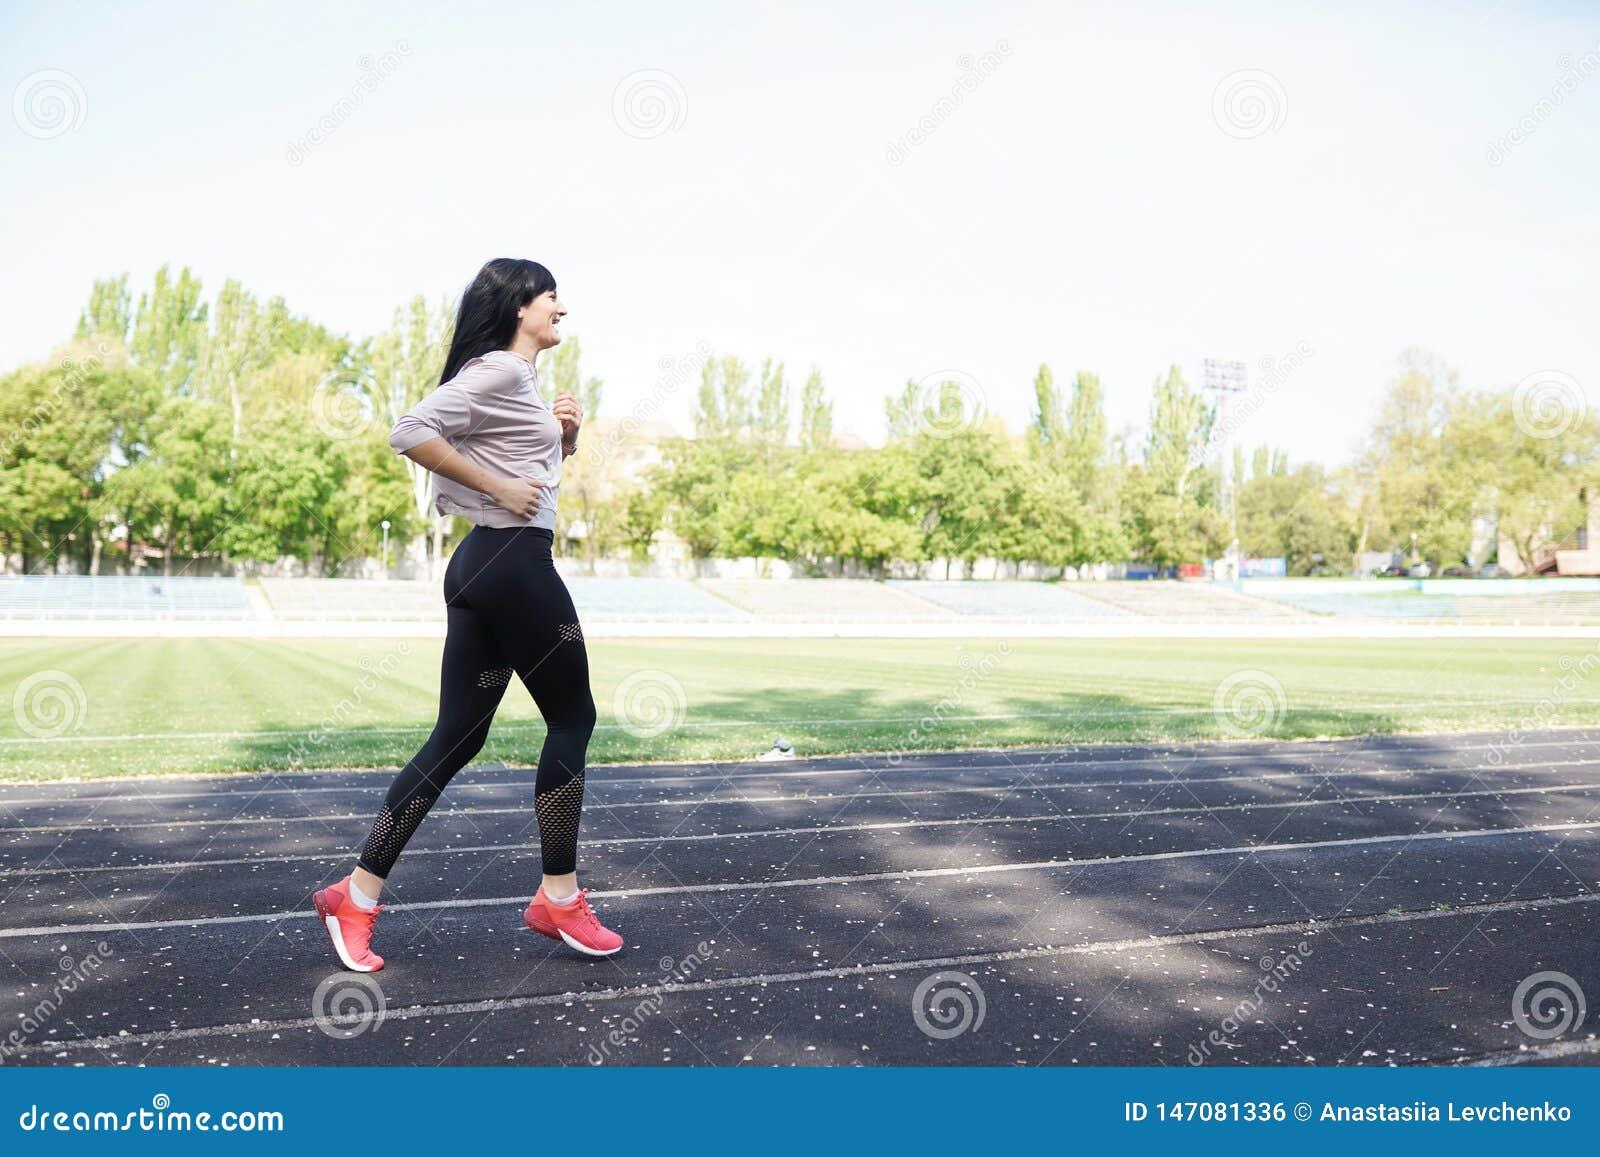 Ход молодой женщины во время солнечного утра на следе стадиона o o Sporty здоровая женщина